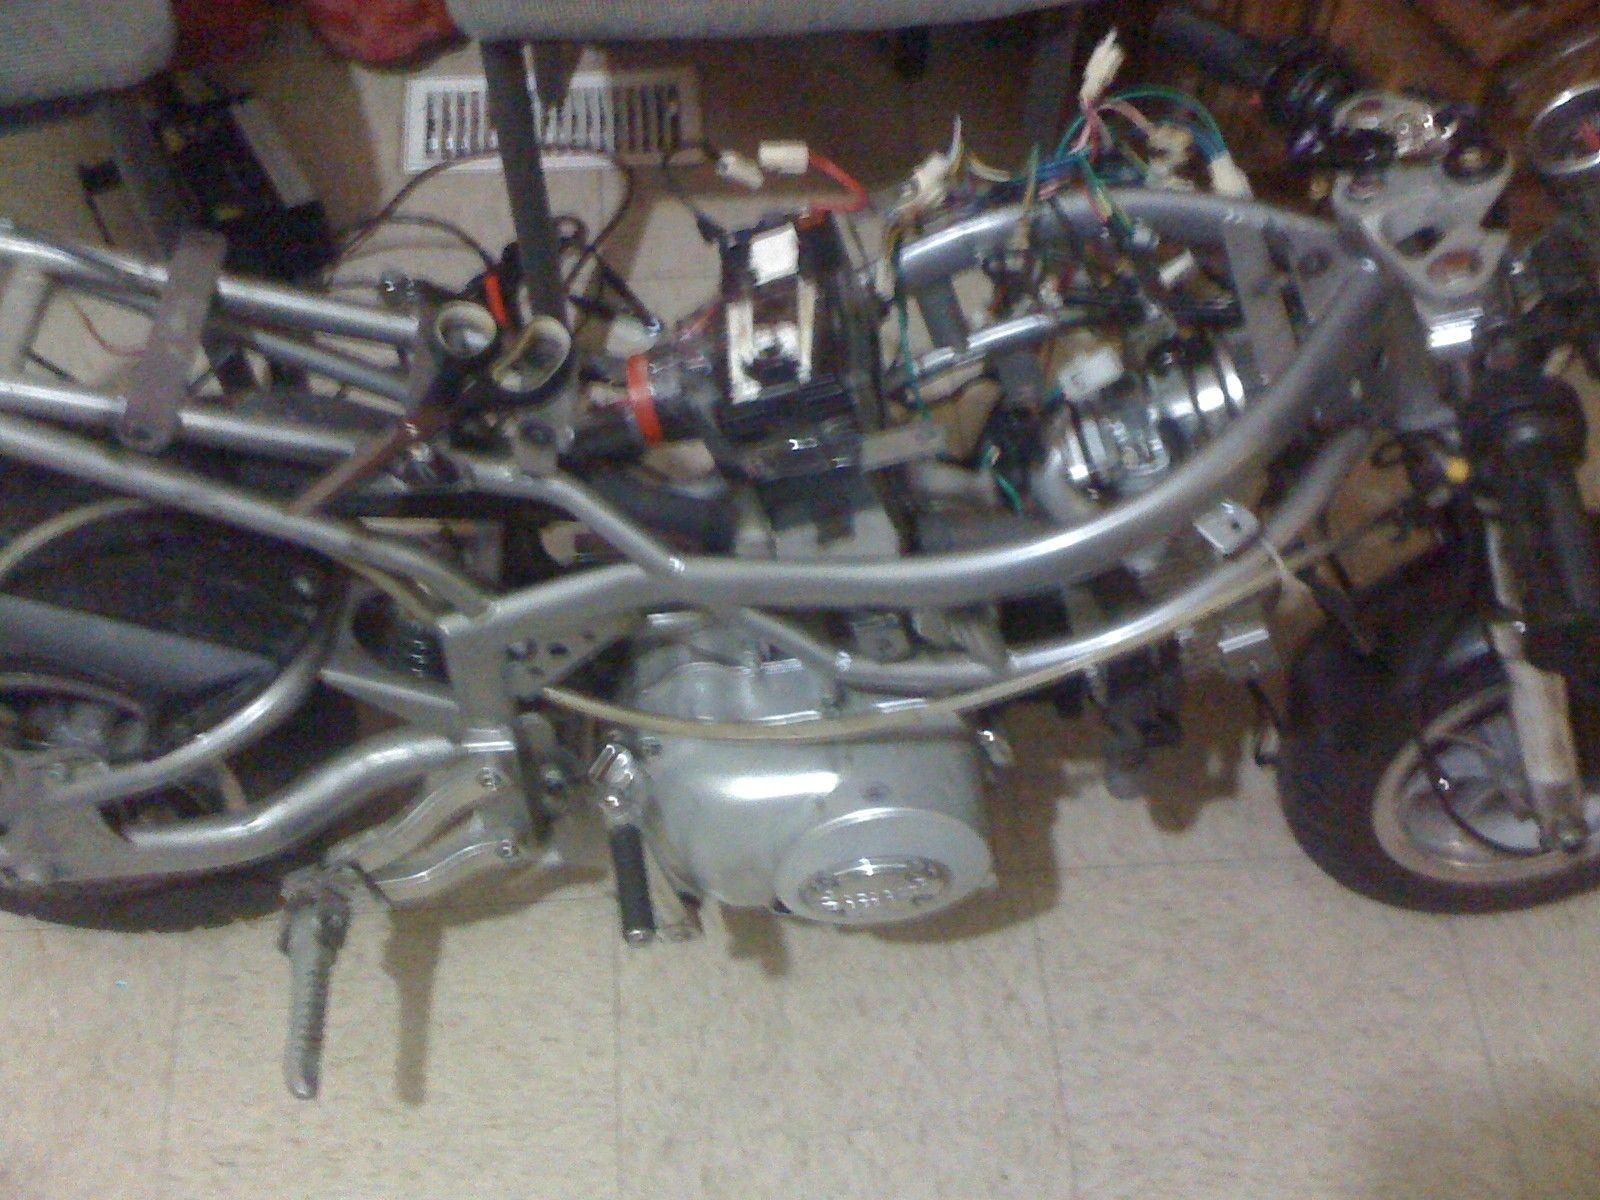 hight resolution of 49cc pocket bike engine diagram image result for custom super pocket bike of 49cc pocket bike